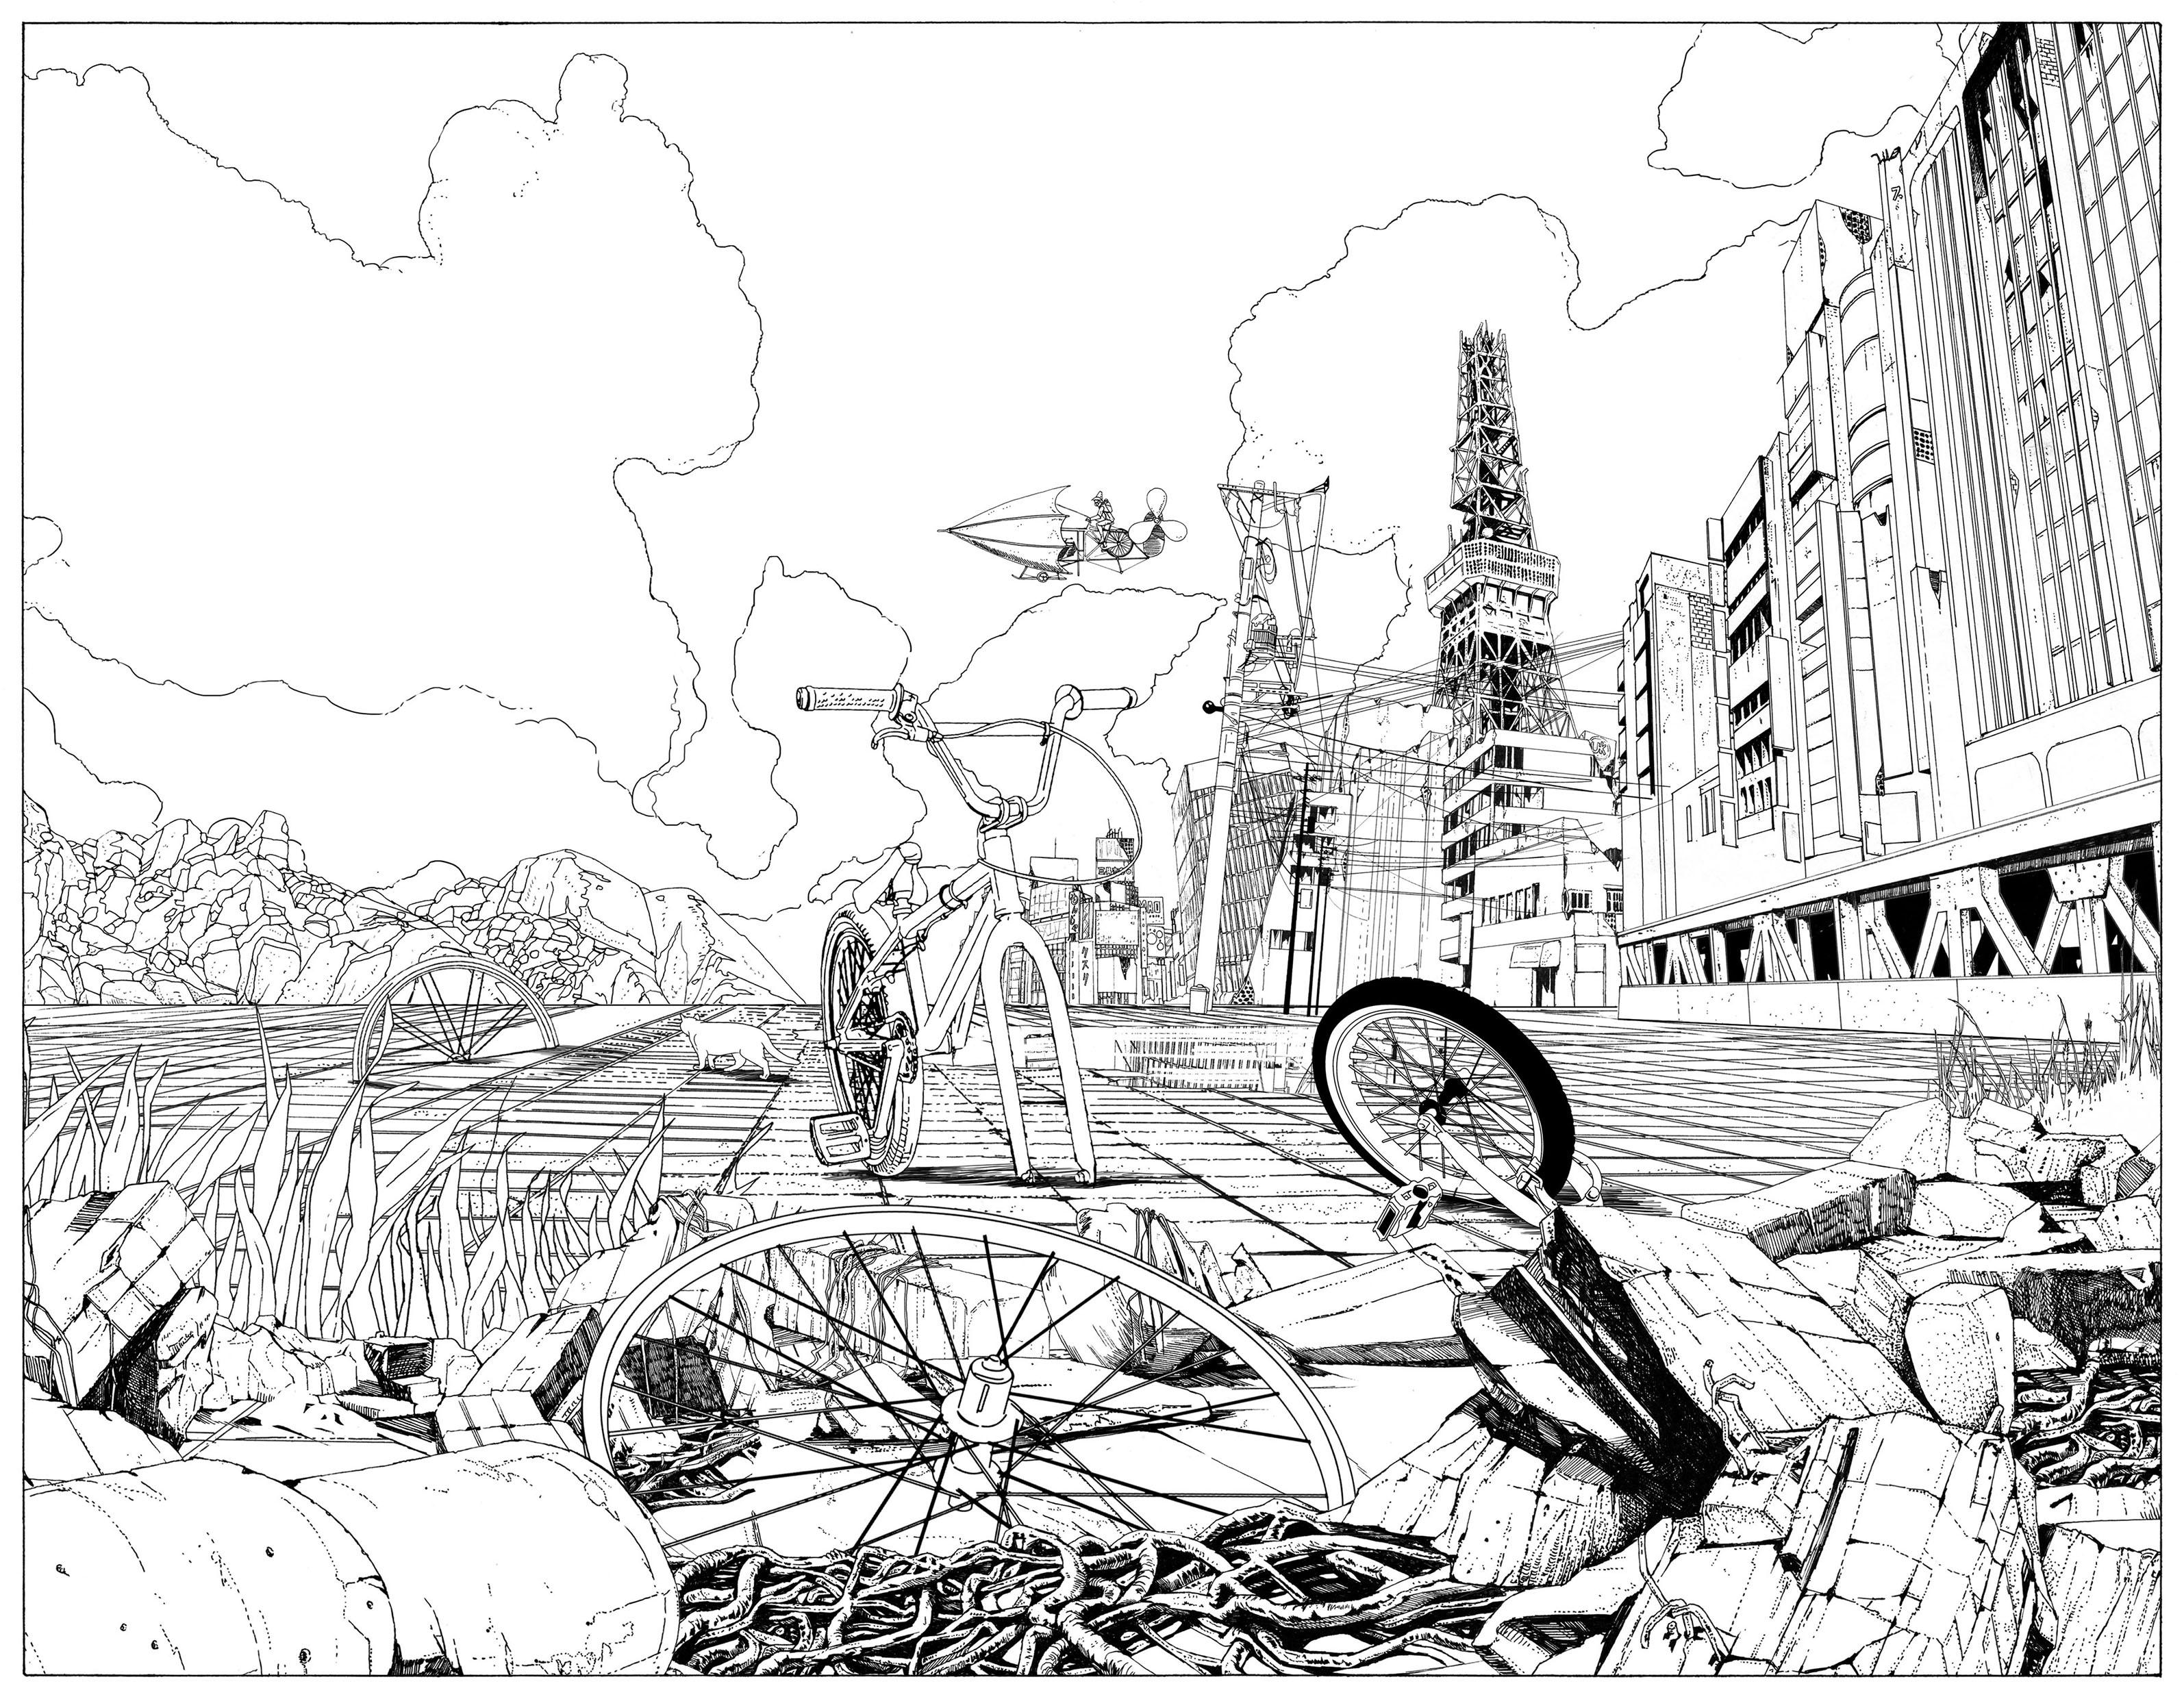 Shan coloring #1, Download drawings